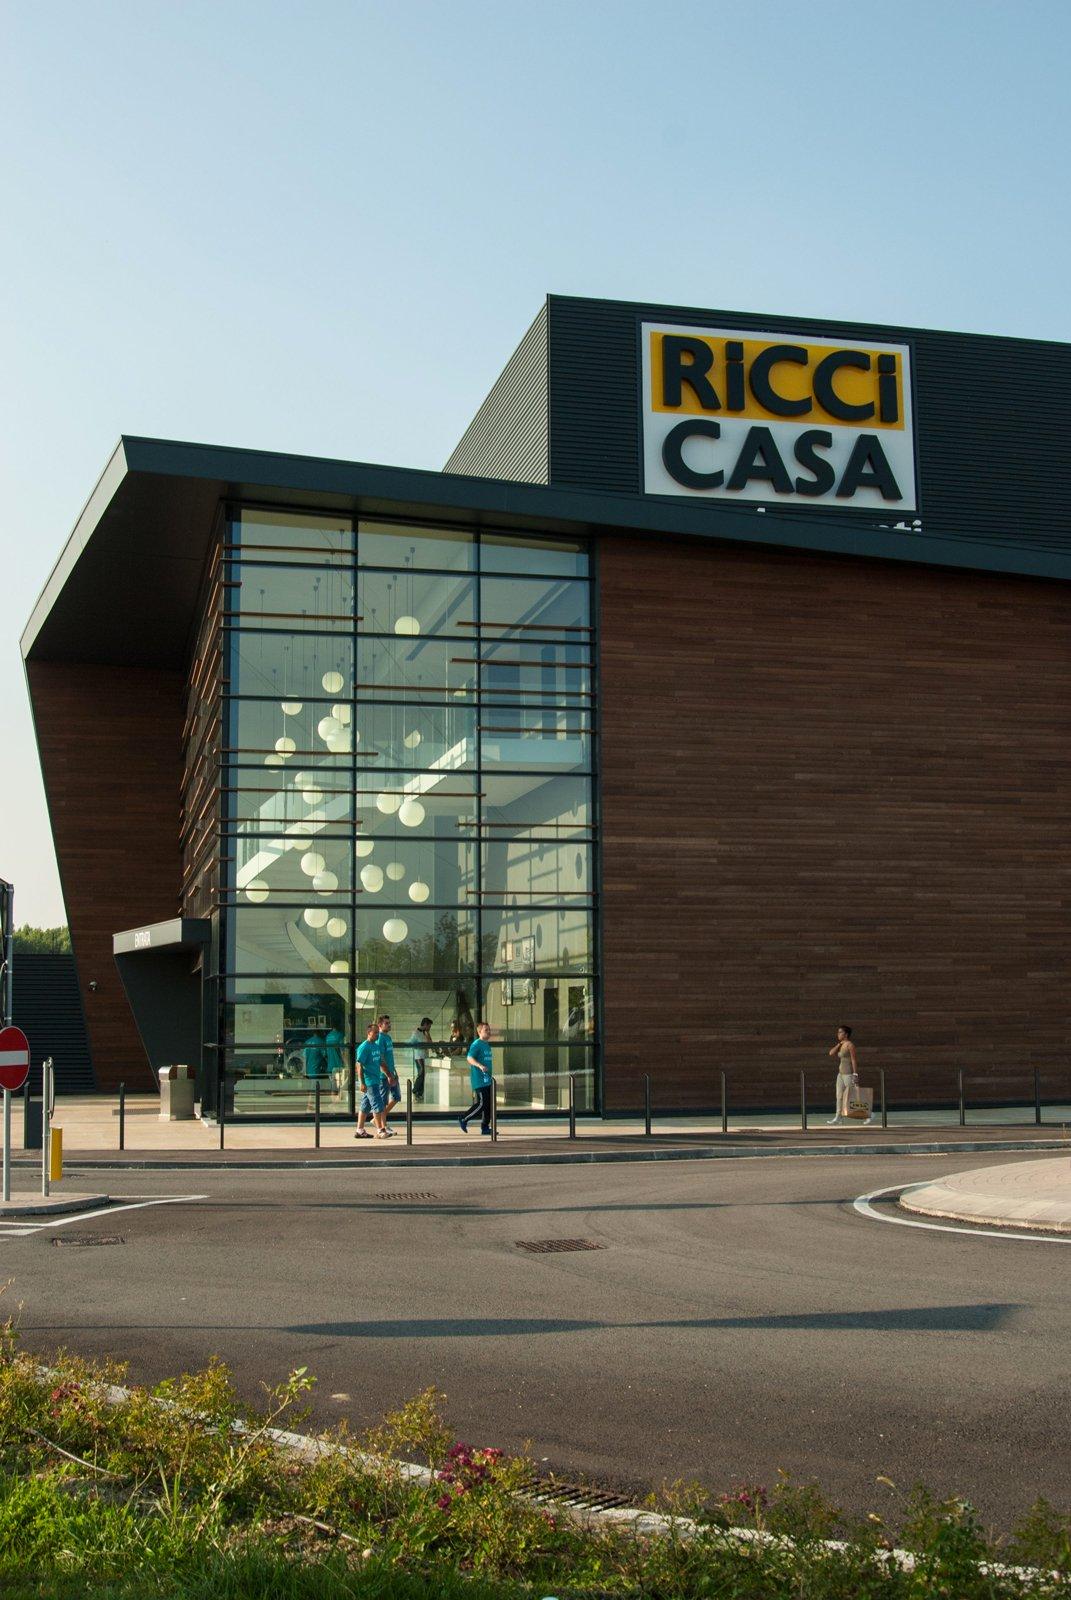 Gratis consegna montaggio e assistenza postvendita con - Ricci casa modena ...